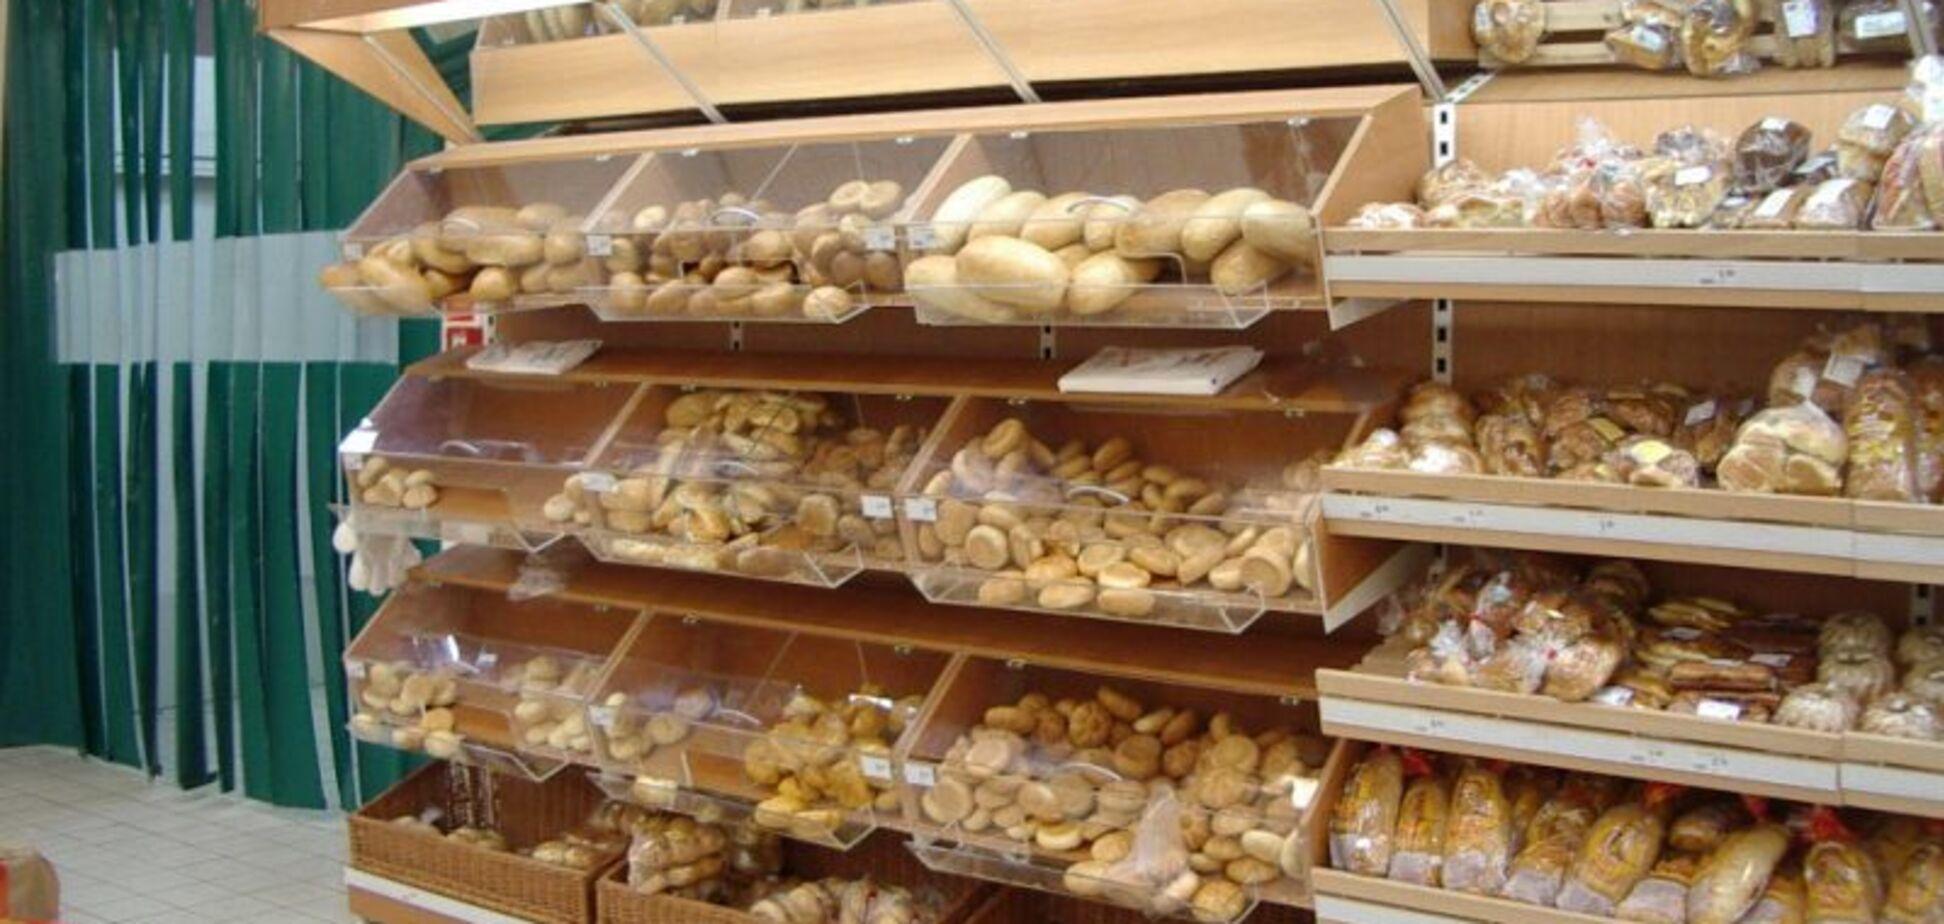 'Кто-то будет это жрать': супермаркет Киева уличили в антисанитарии